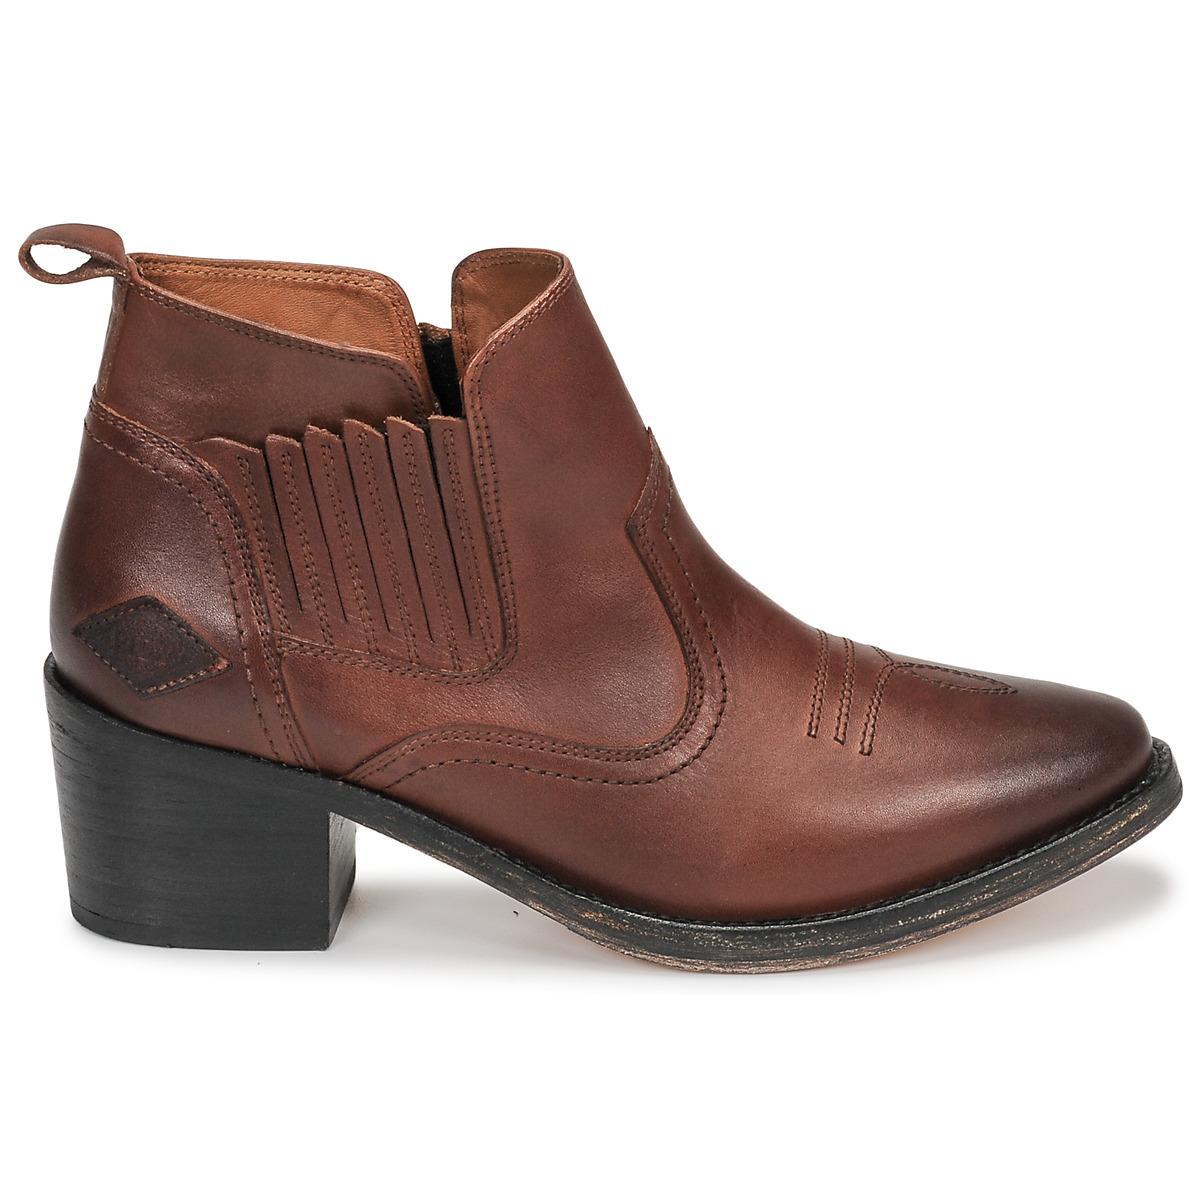 PERDRIX femmes Boots en Noir Cuir PLDM by Palladium en coloris Noir - 14 % de réduction